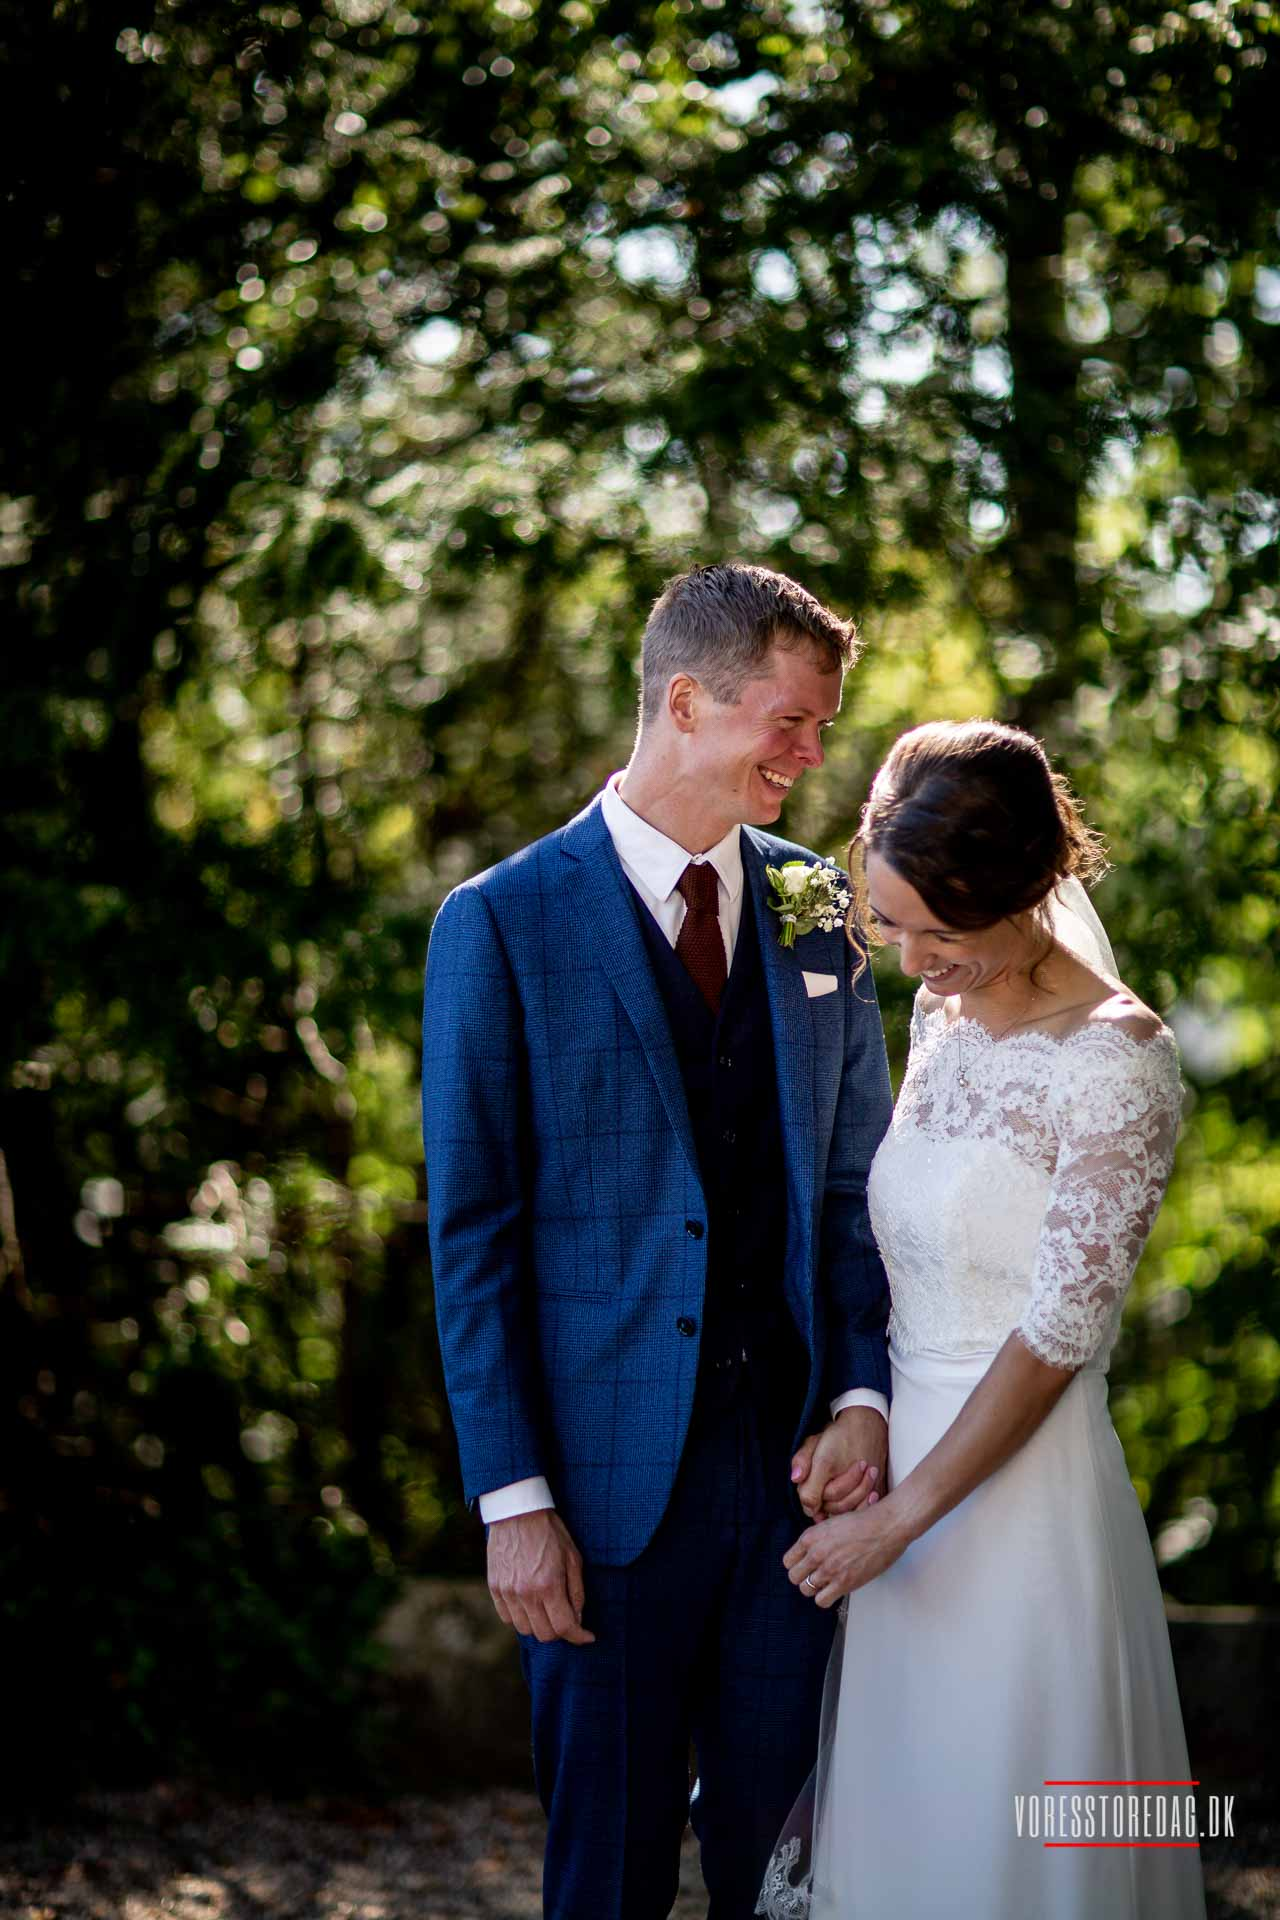 Mangler i bare lige den her dygtige bryllupsfotograf i Svendborg